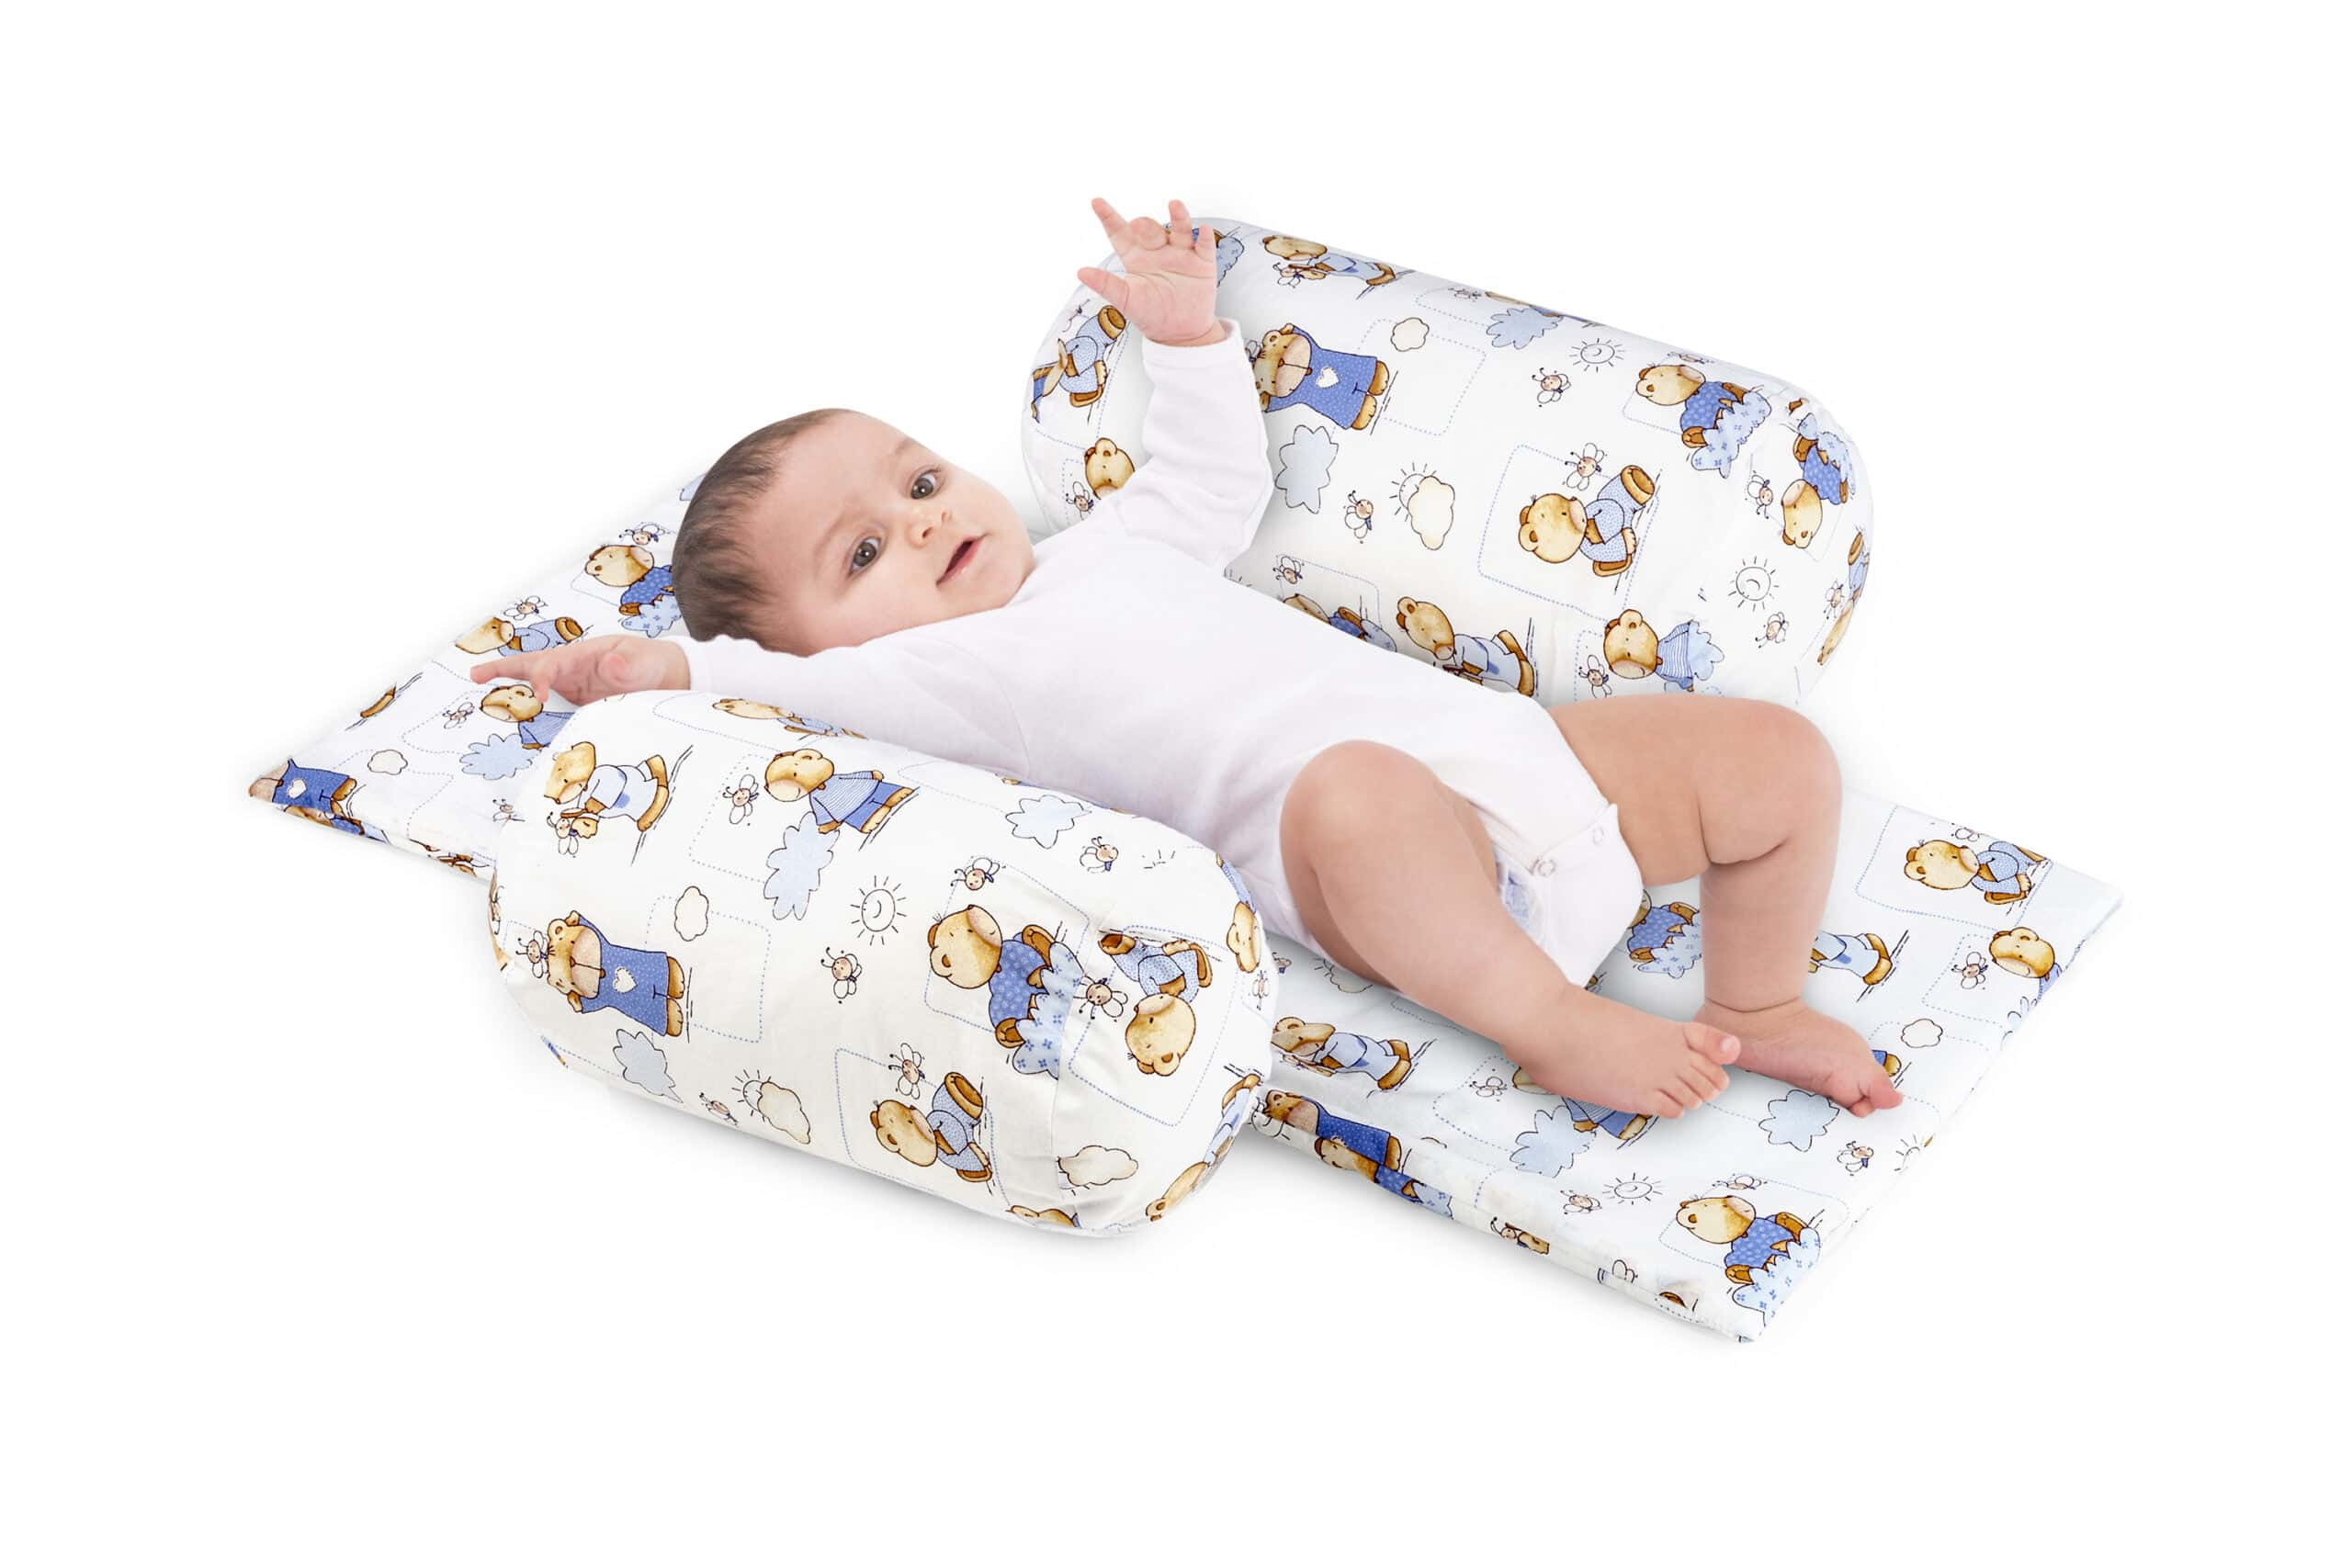 Suport de siguranta cu paturica impermeabila pentru bebelusi model Ursuleti imagine 2021 somnart.ro